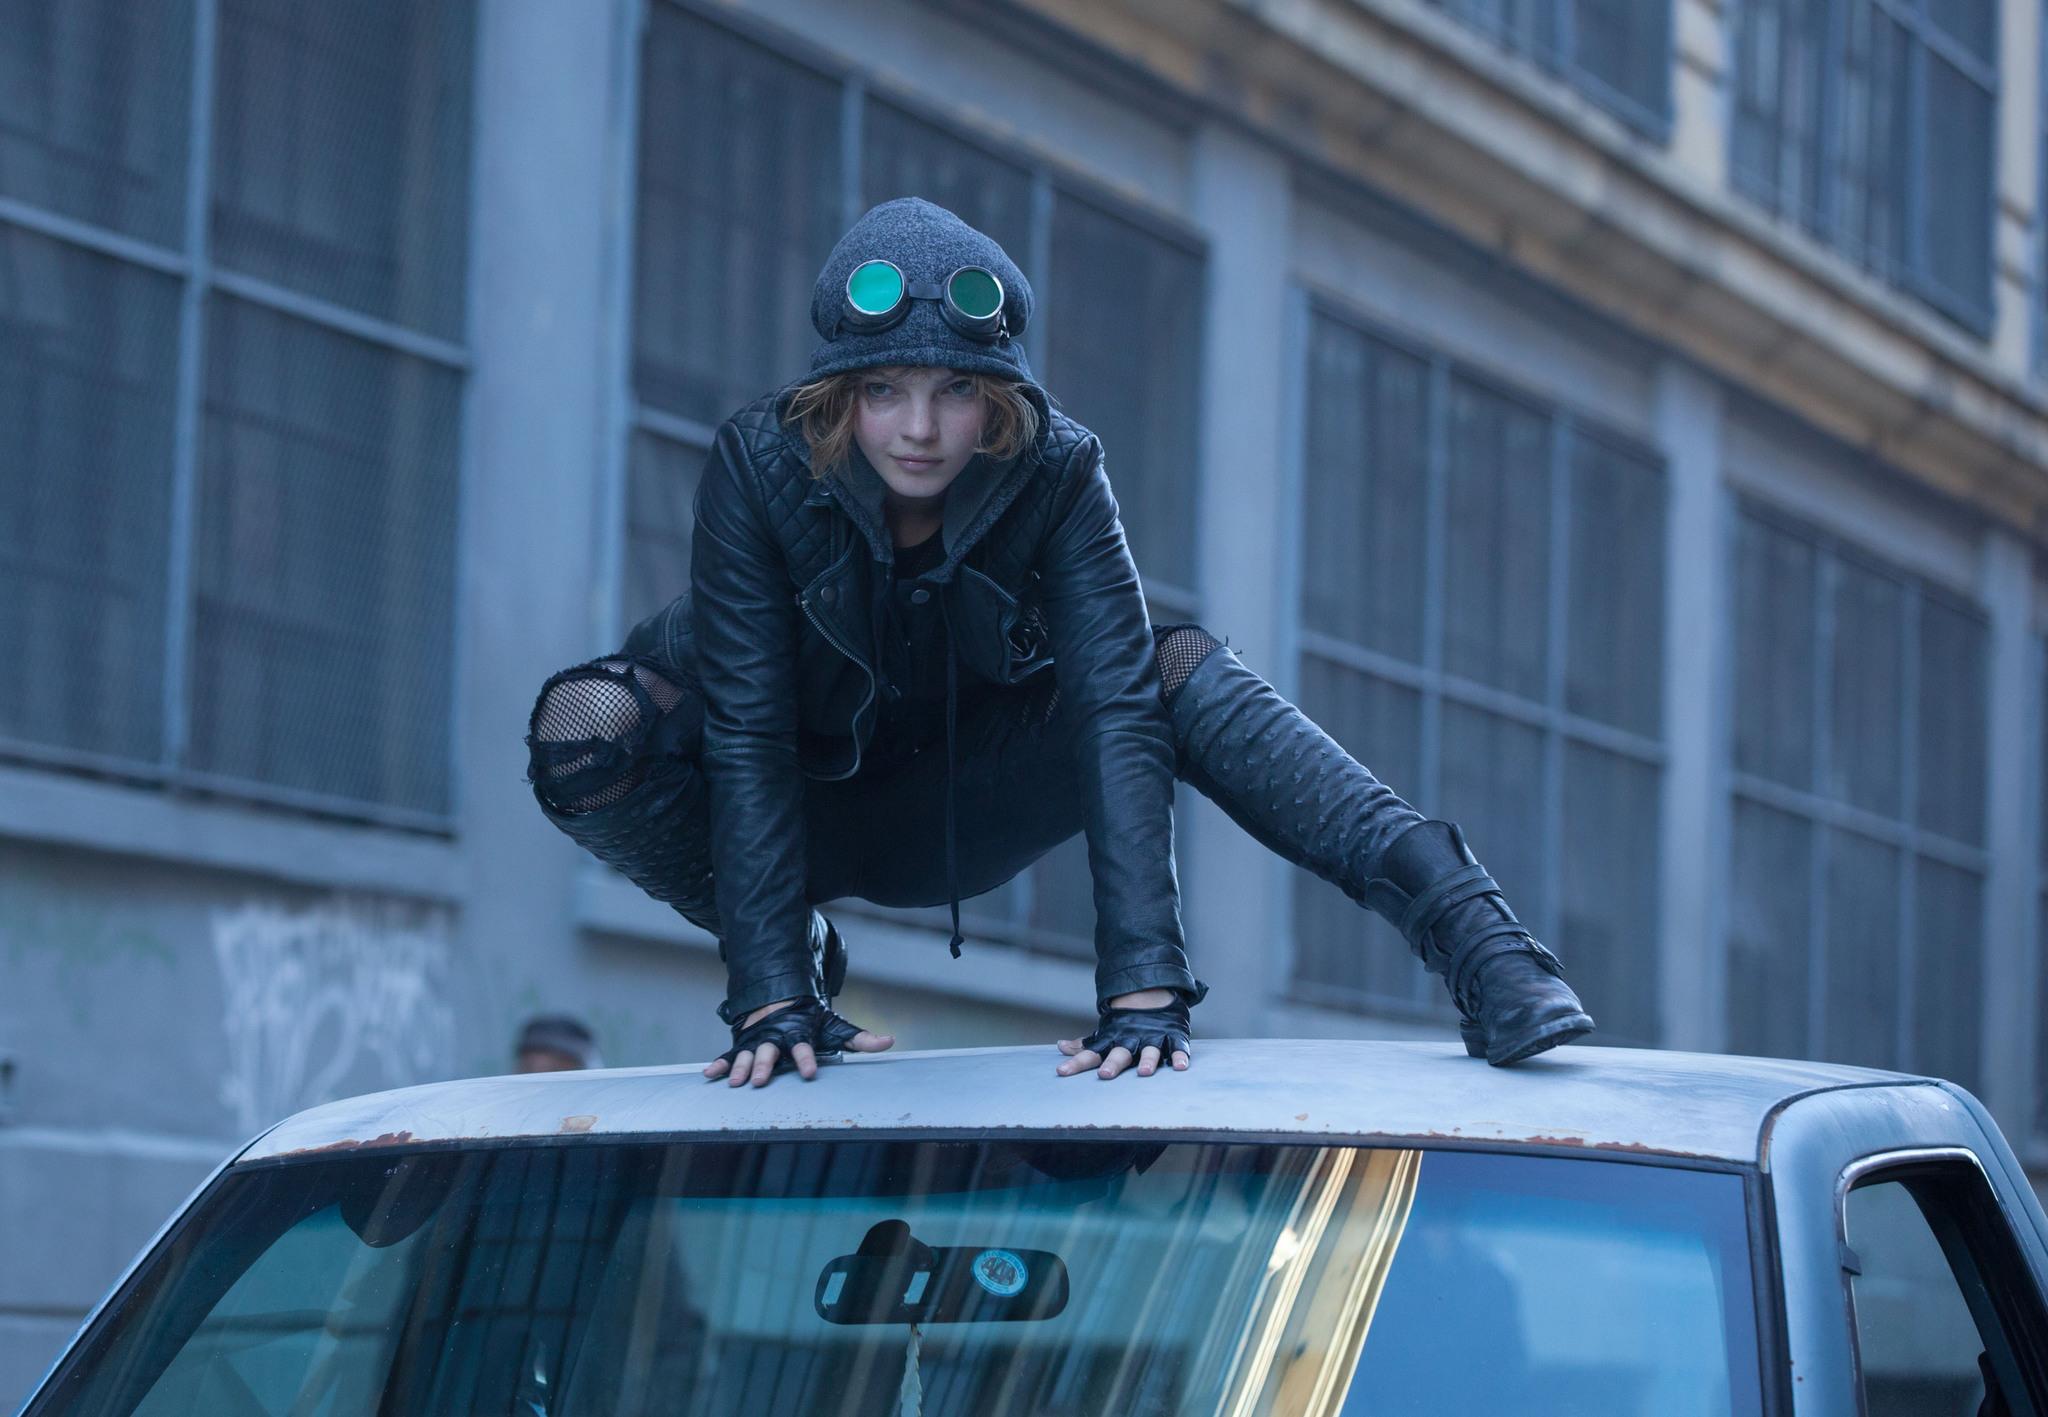 Gotham: The Mask   Season 1   Episode 8